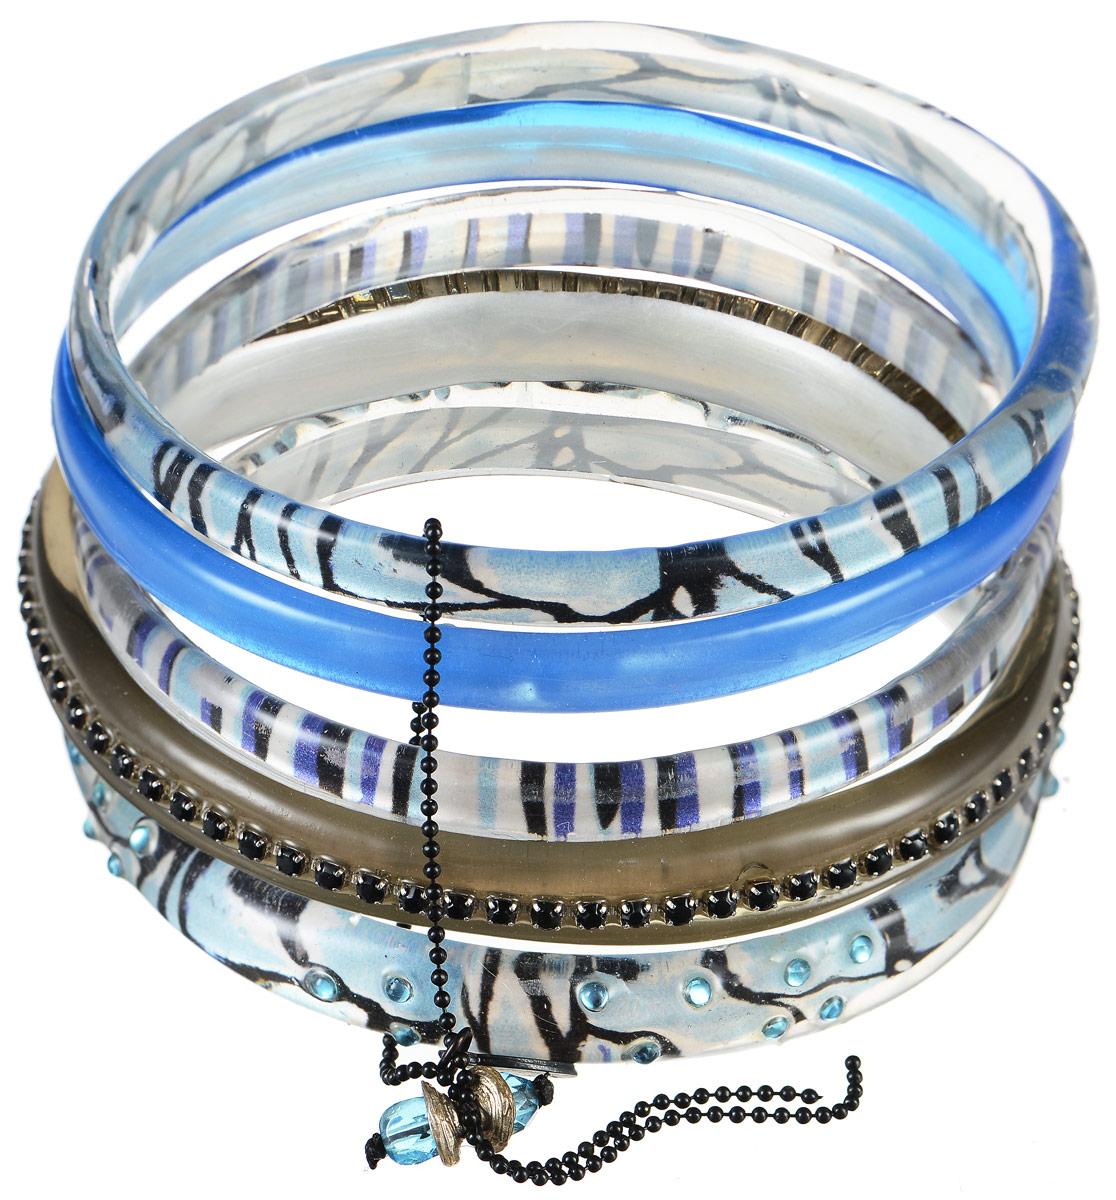 Браслет Lalo Treasures Row, цвет: голубой, серый. Bn2500Bn2500Яркое комбинированное украшение Lalo Treasures Row включает пять браслетов, выполненных из ювелирной смолы. Изделия оформлены стразами и оригинальными орнаментами. Стильное украшение поможет дополнить любой образ и привнести в него завершающий яркий штрих.